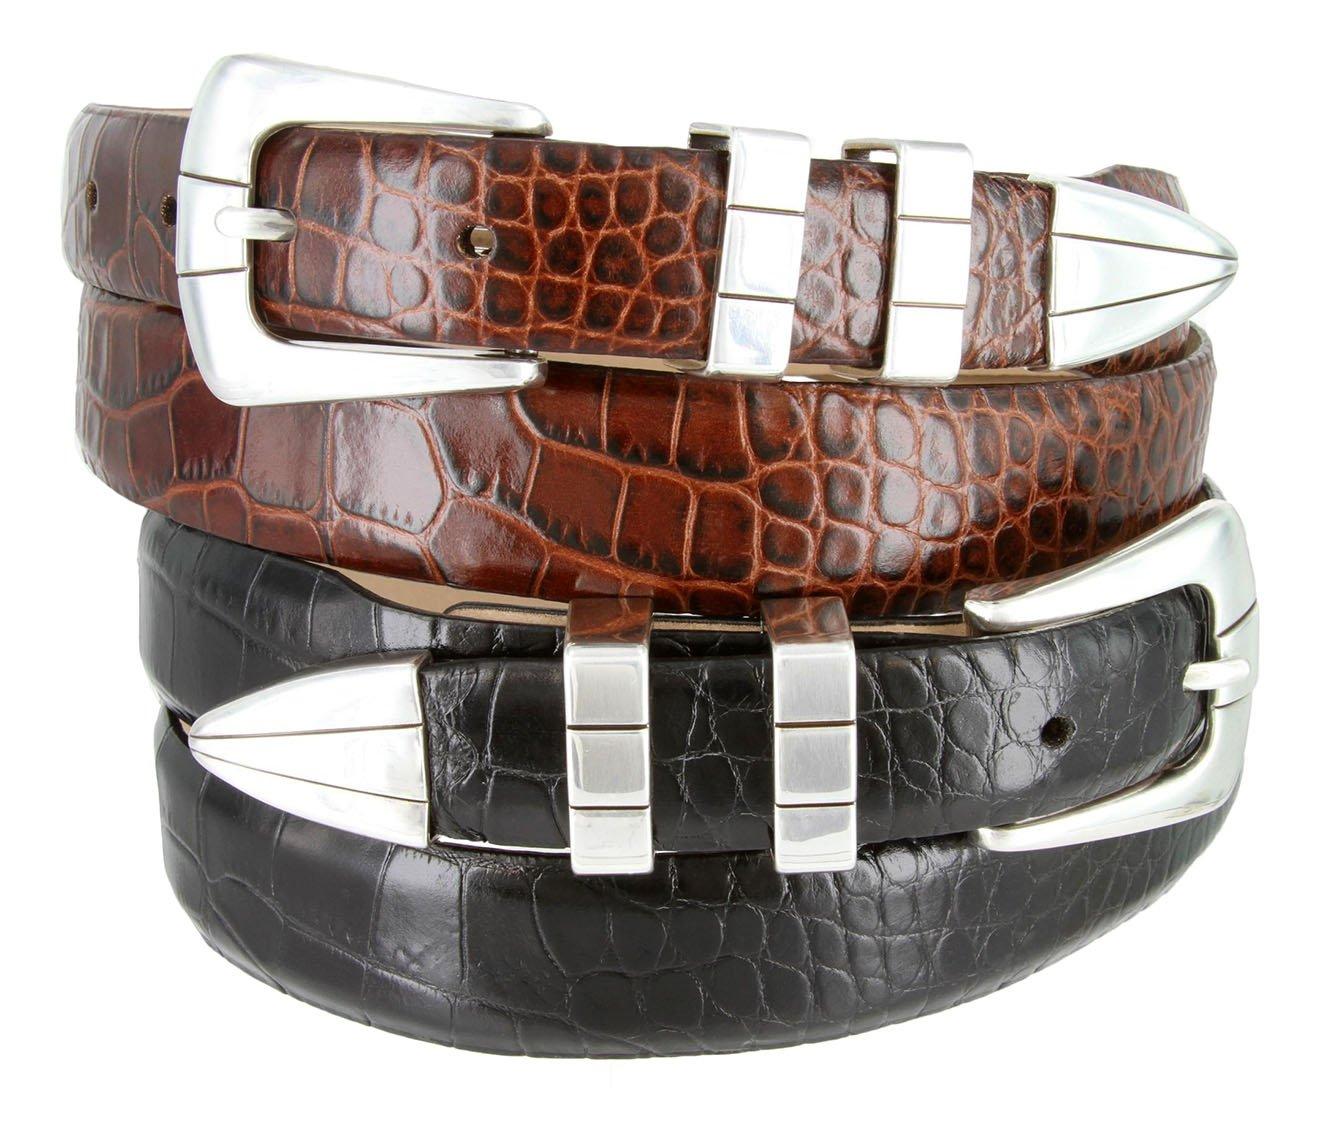 Vince Italian Calfskin Leather Designer Golf Dress Belt for Men (46, Alligator Black) by Belts.com (Image #2)